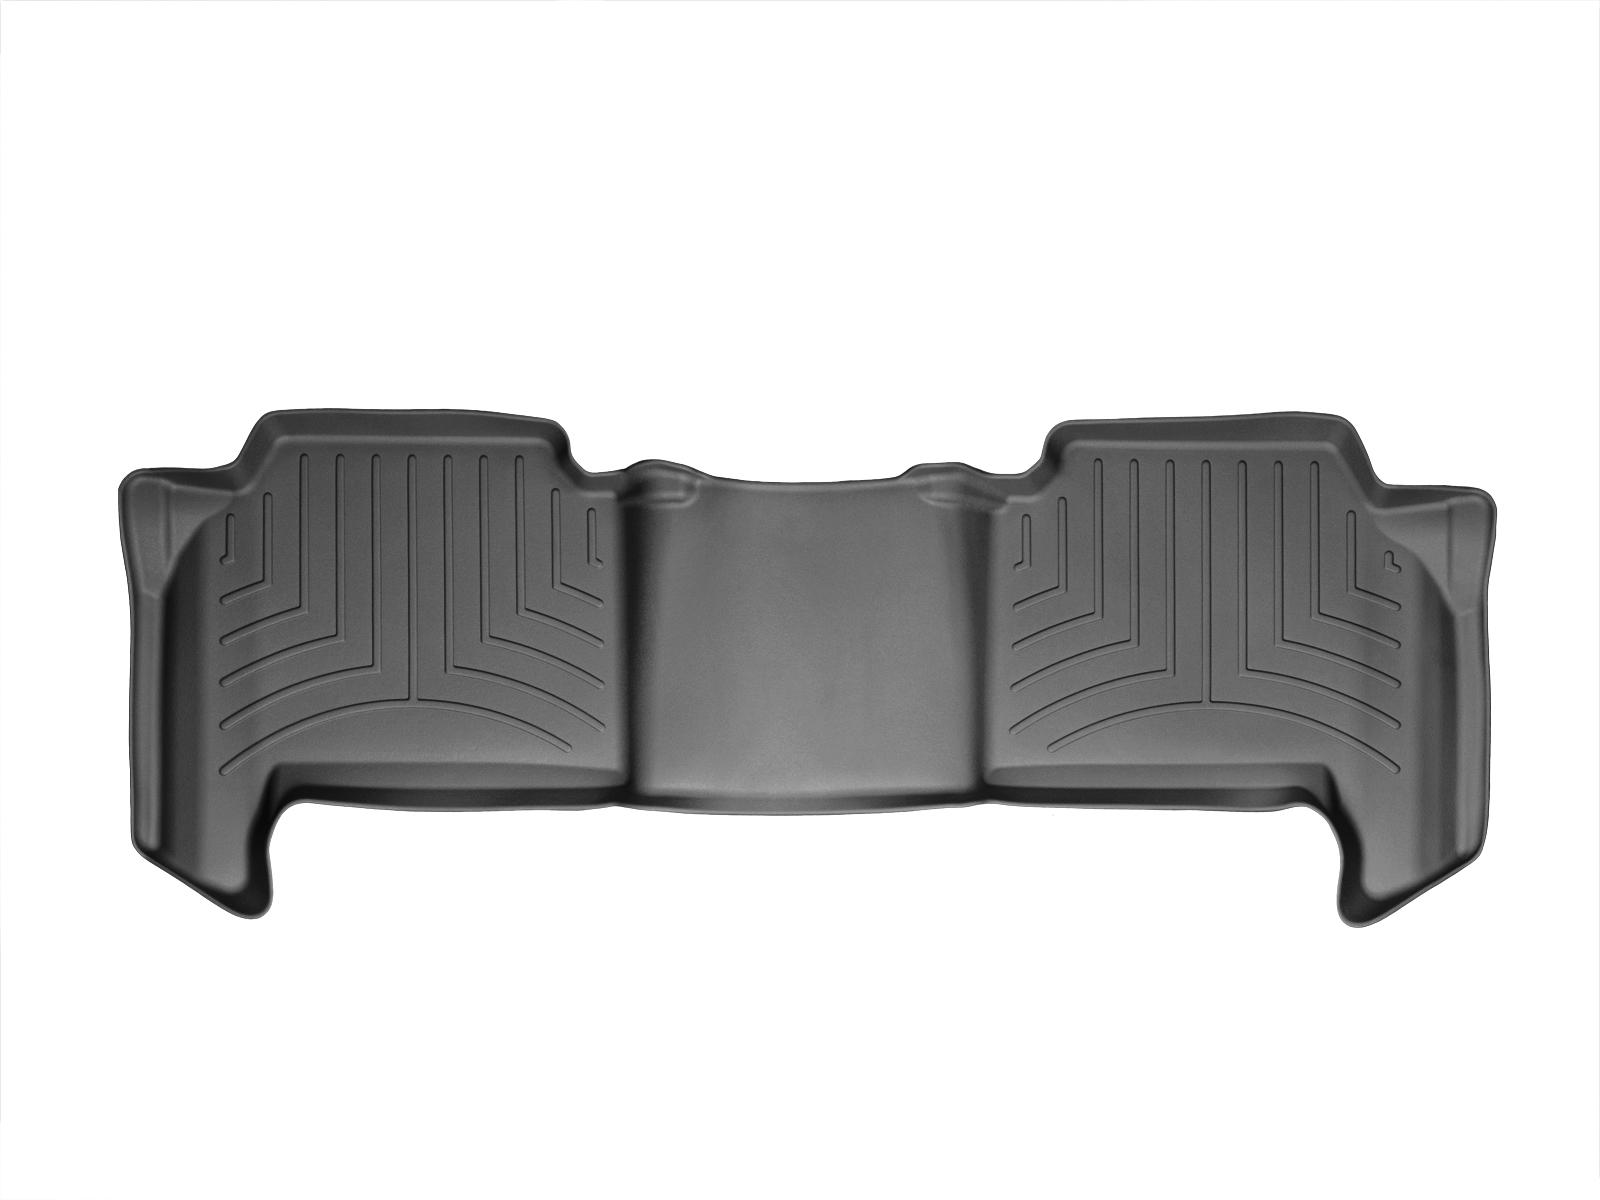 Tappeti gomma su misura bordo alto Land Rover 13>13 Nero A1976*